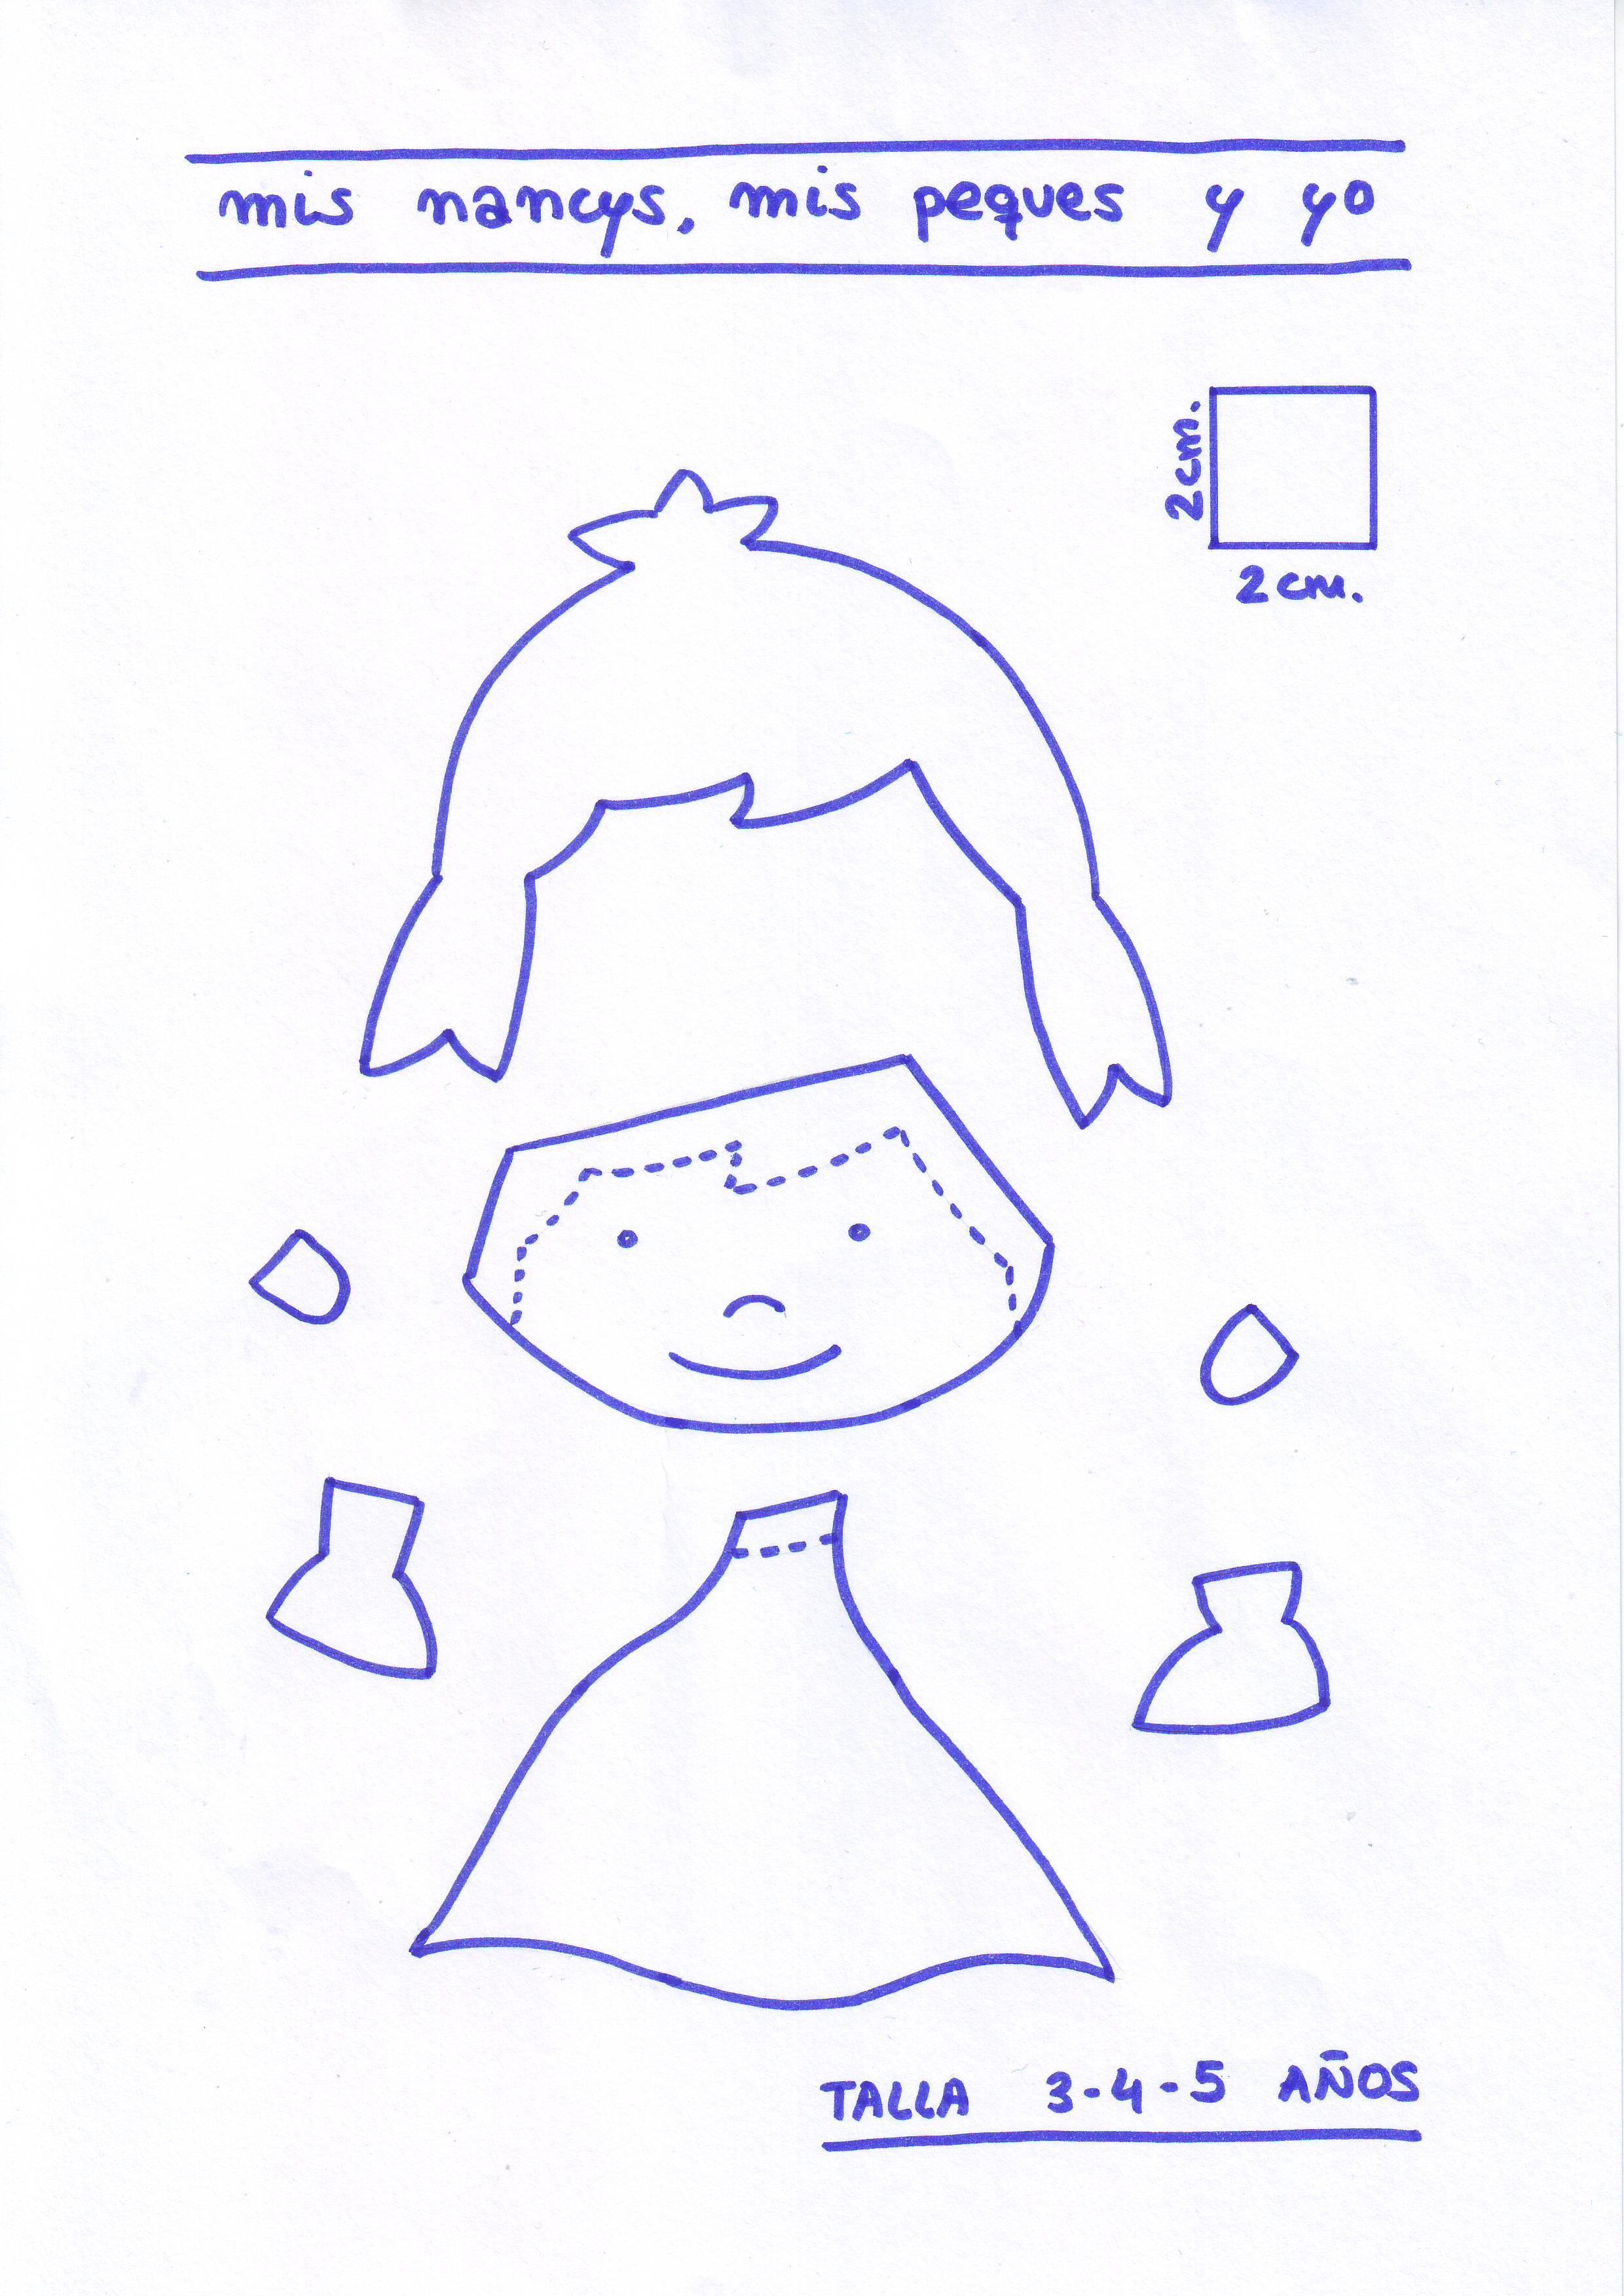 mis nancys, mis peques y yo, tutorial aplique en camiseta muñequita linda, Patrón despiece muñequita TALLA 3,4,5